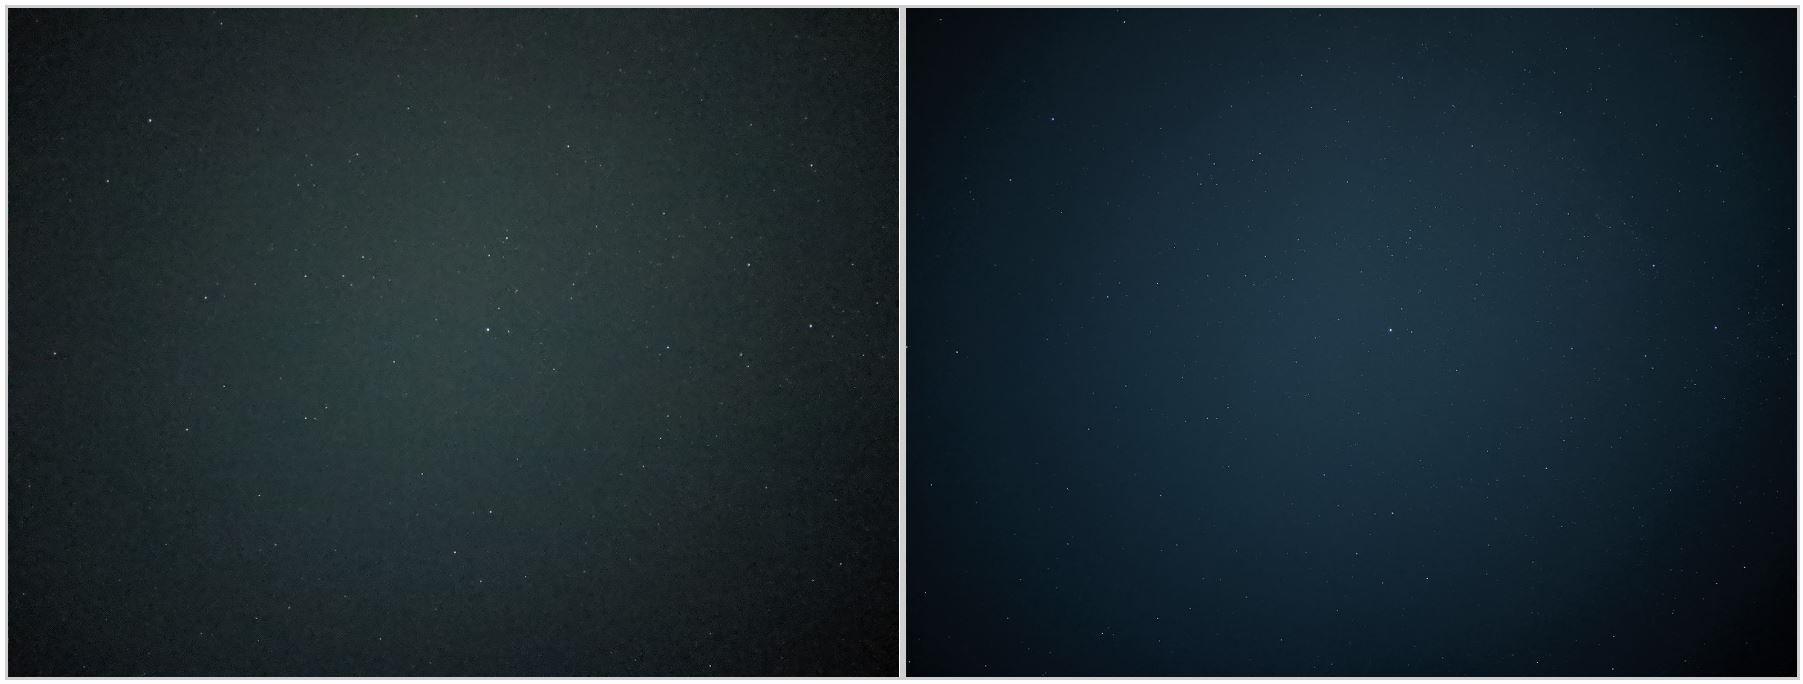 pixel 4 astro 1